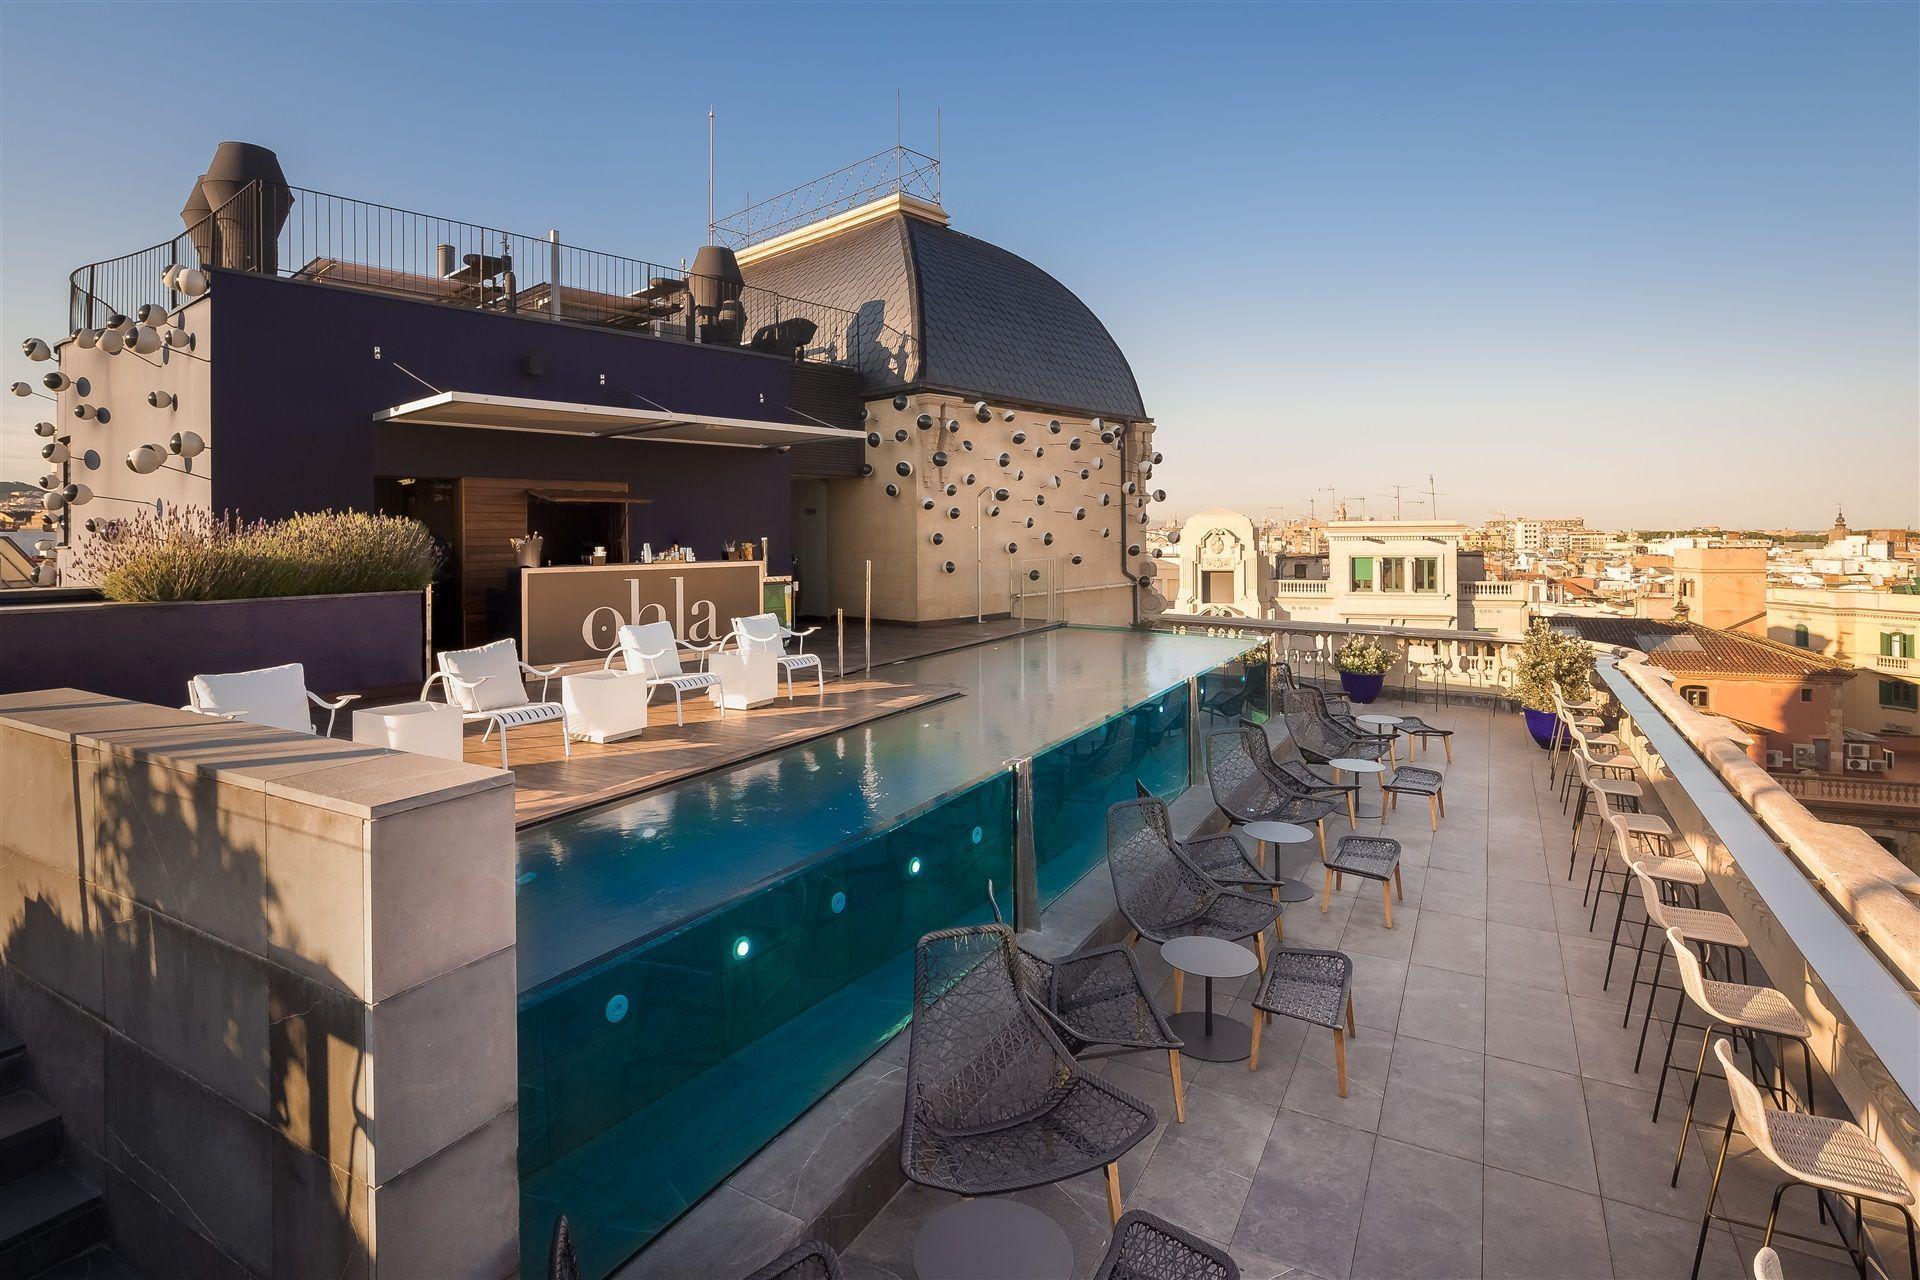 Las mejores terrazas de hotel en barcelona 2018 terrazeo for Terrazas de hoteles en barcelona